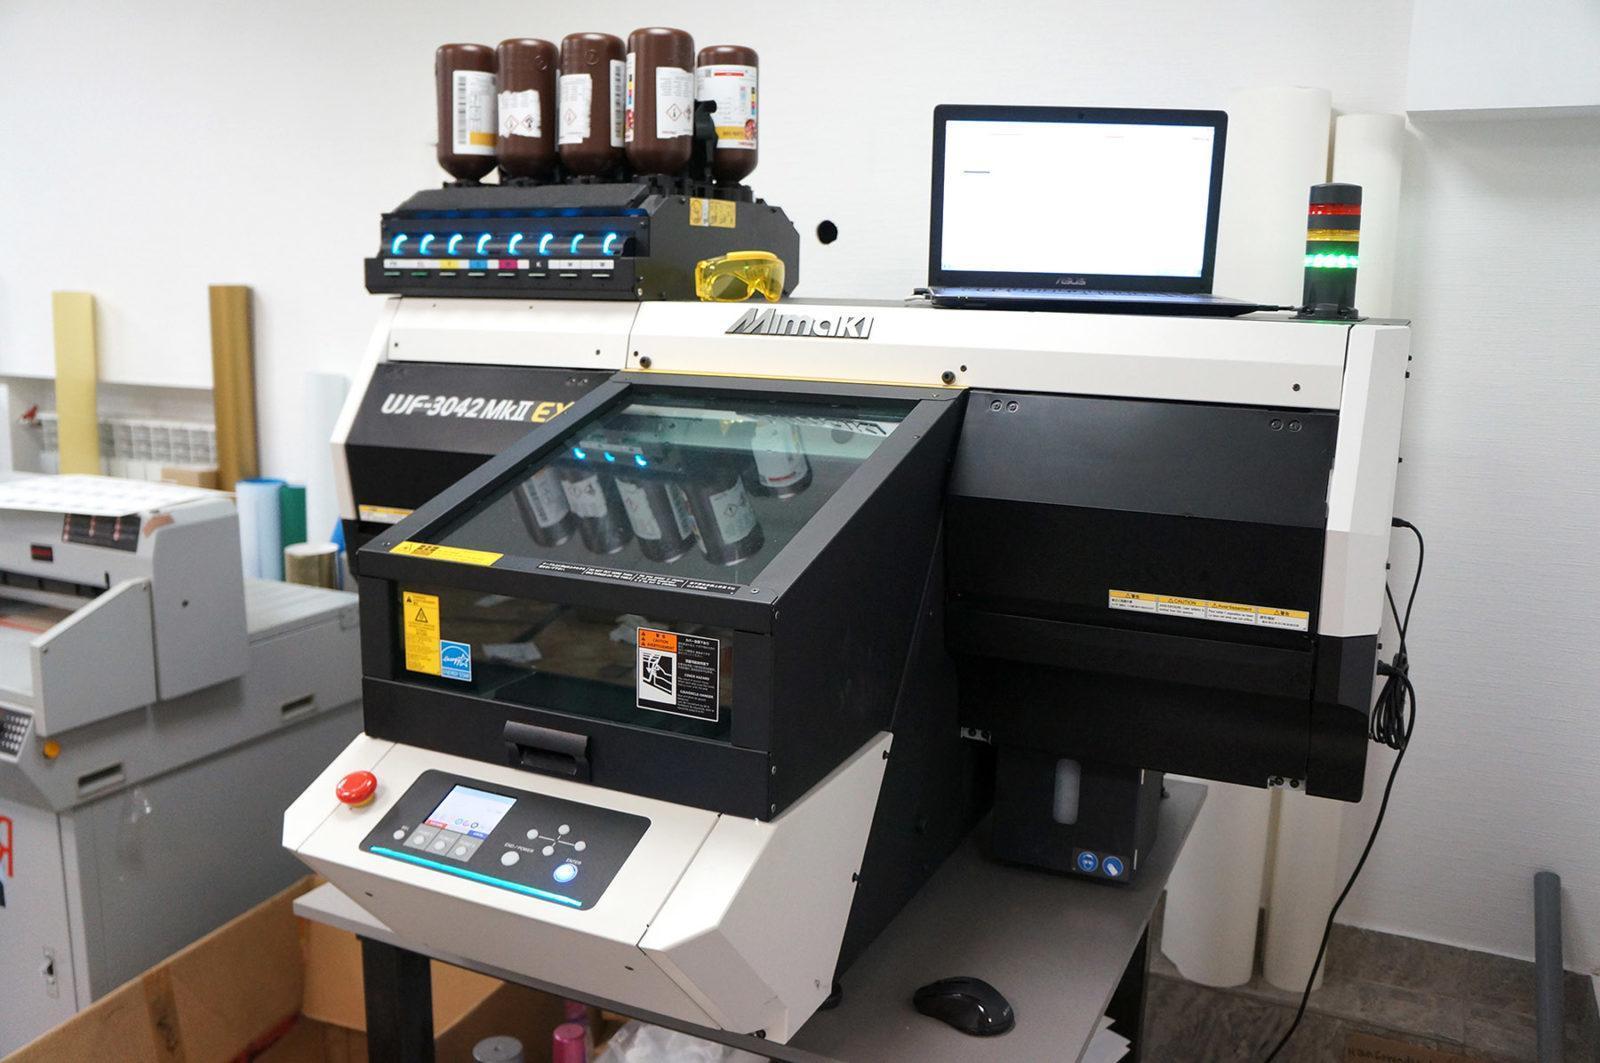 УФ-печать - изображение